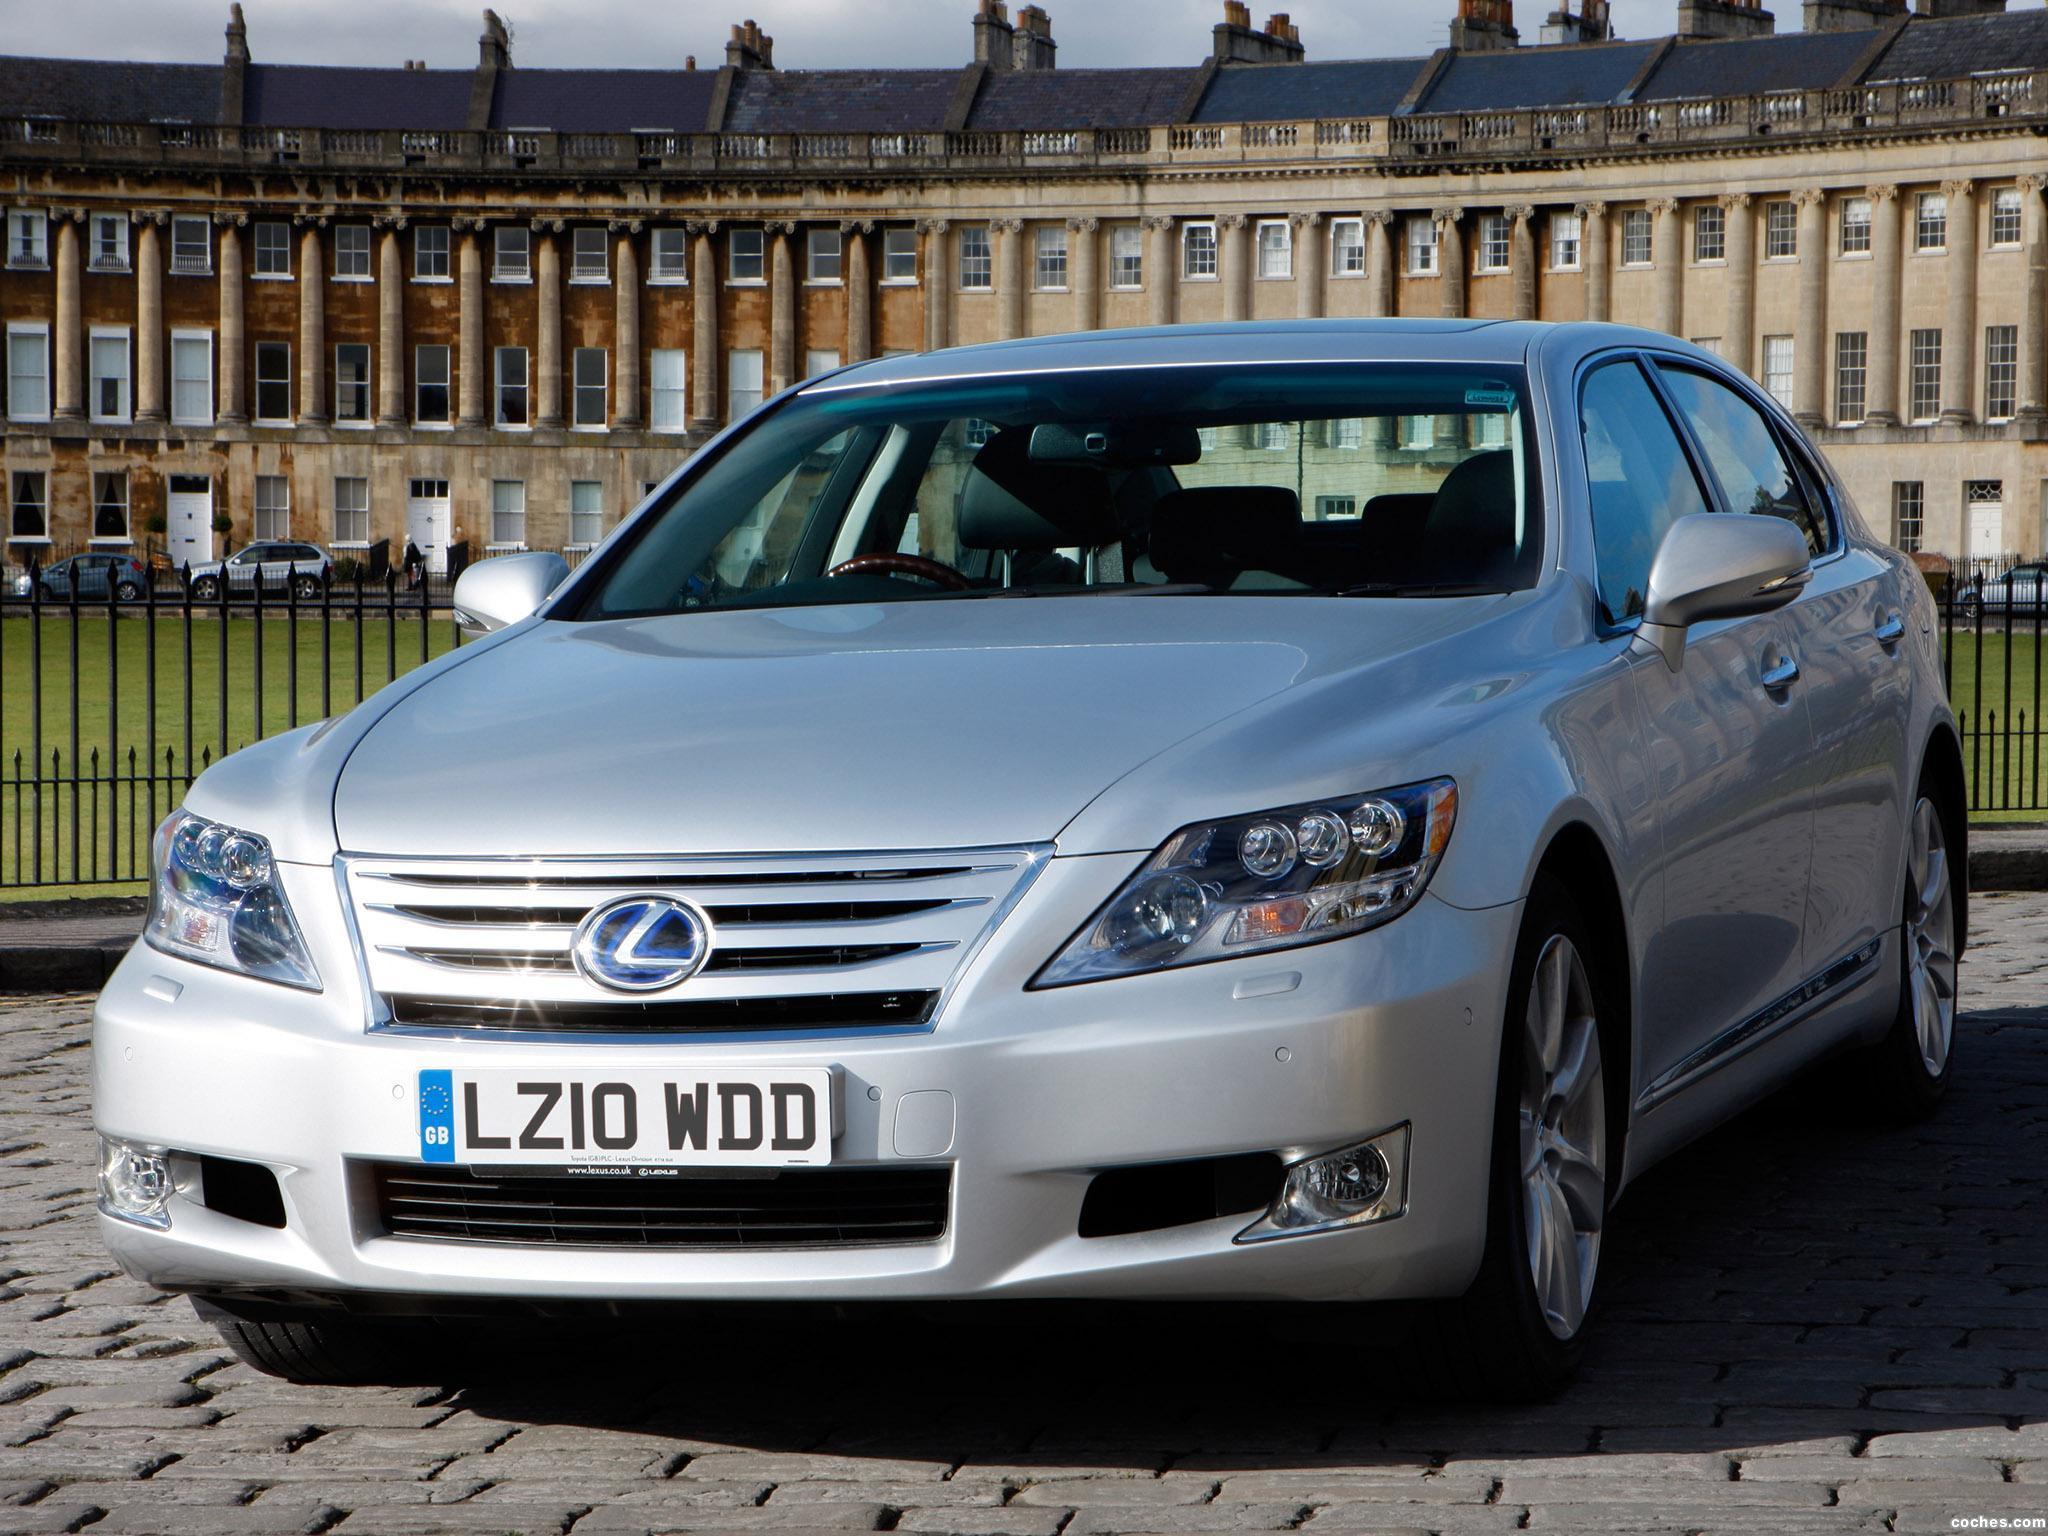 Foto 0 de Lexus LS 600h UK 2010